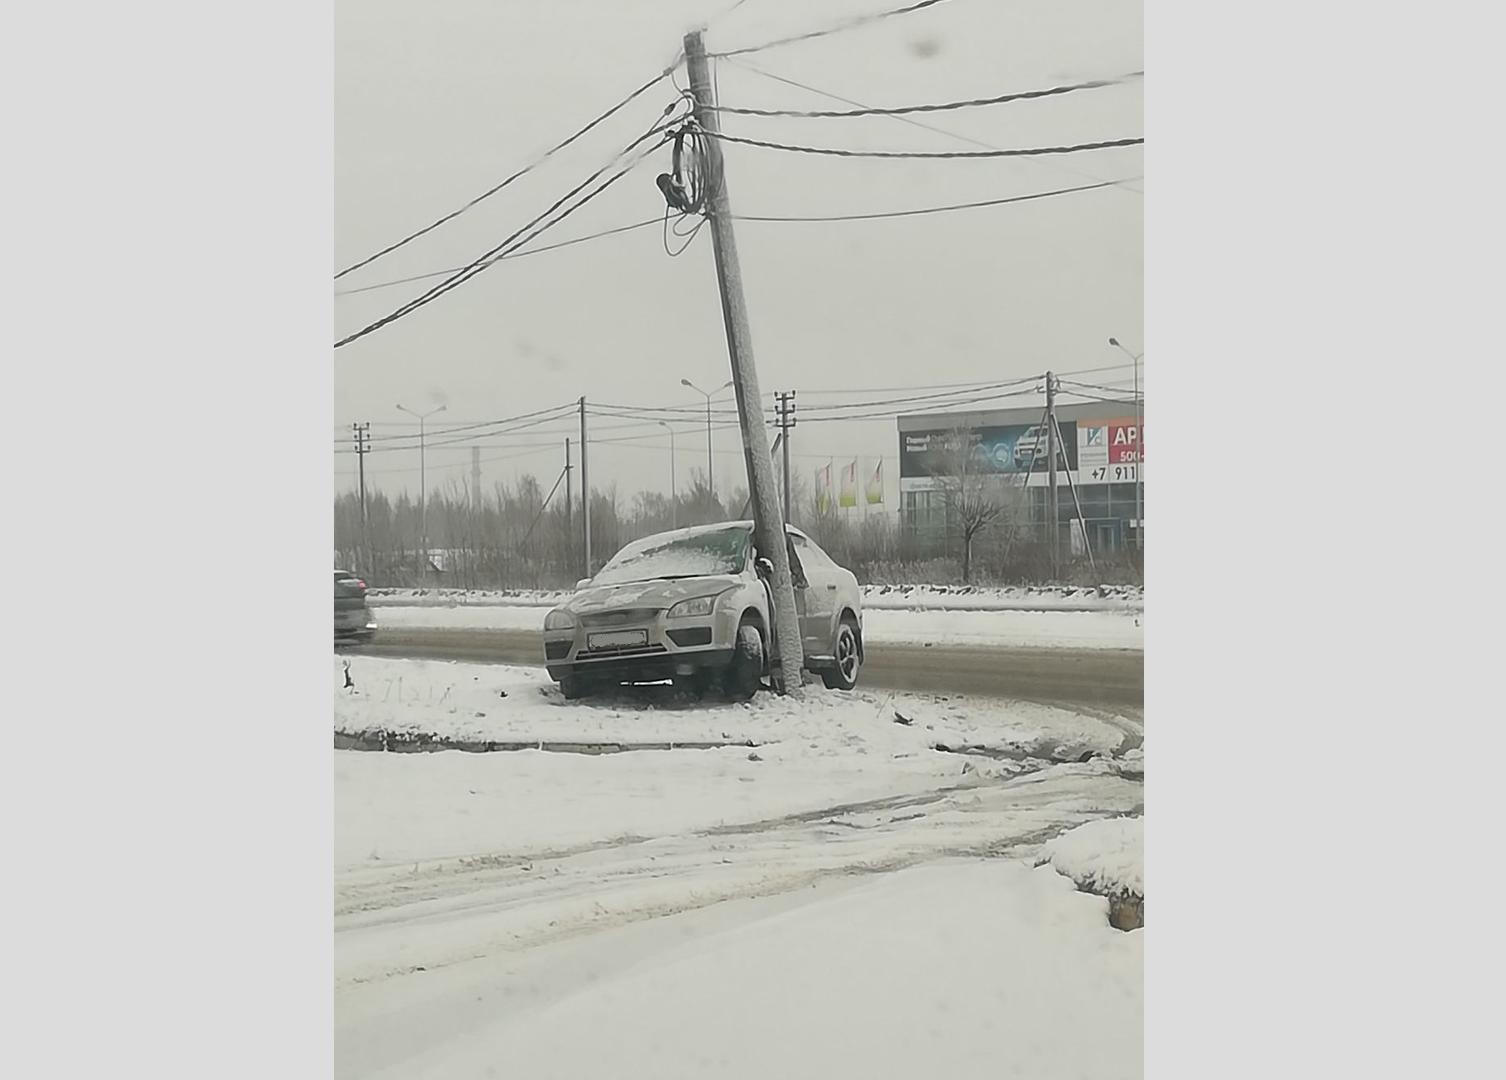 Утренний снегопад привел к нескольким авариям на дорогах Ярославля: кадры